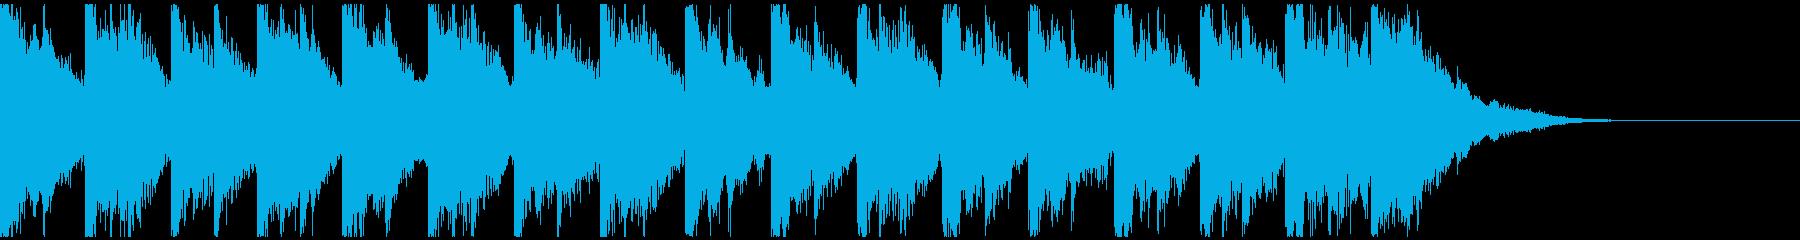 メルヘンチックでかわいい鉄琴のジングルの再生済みの波形